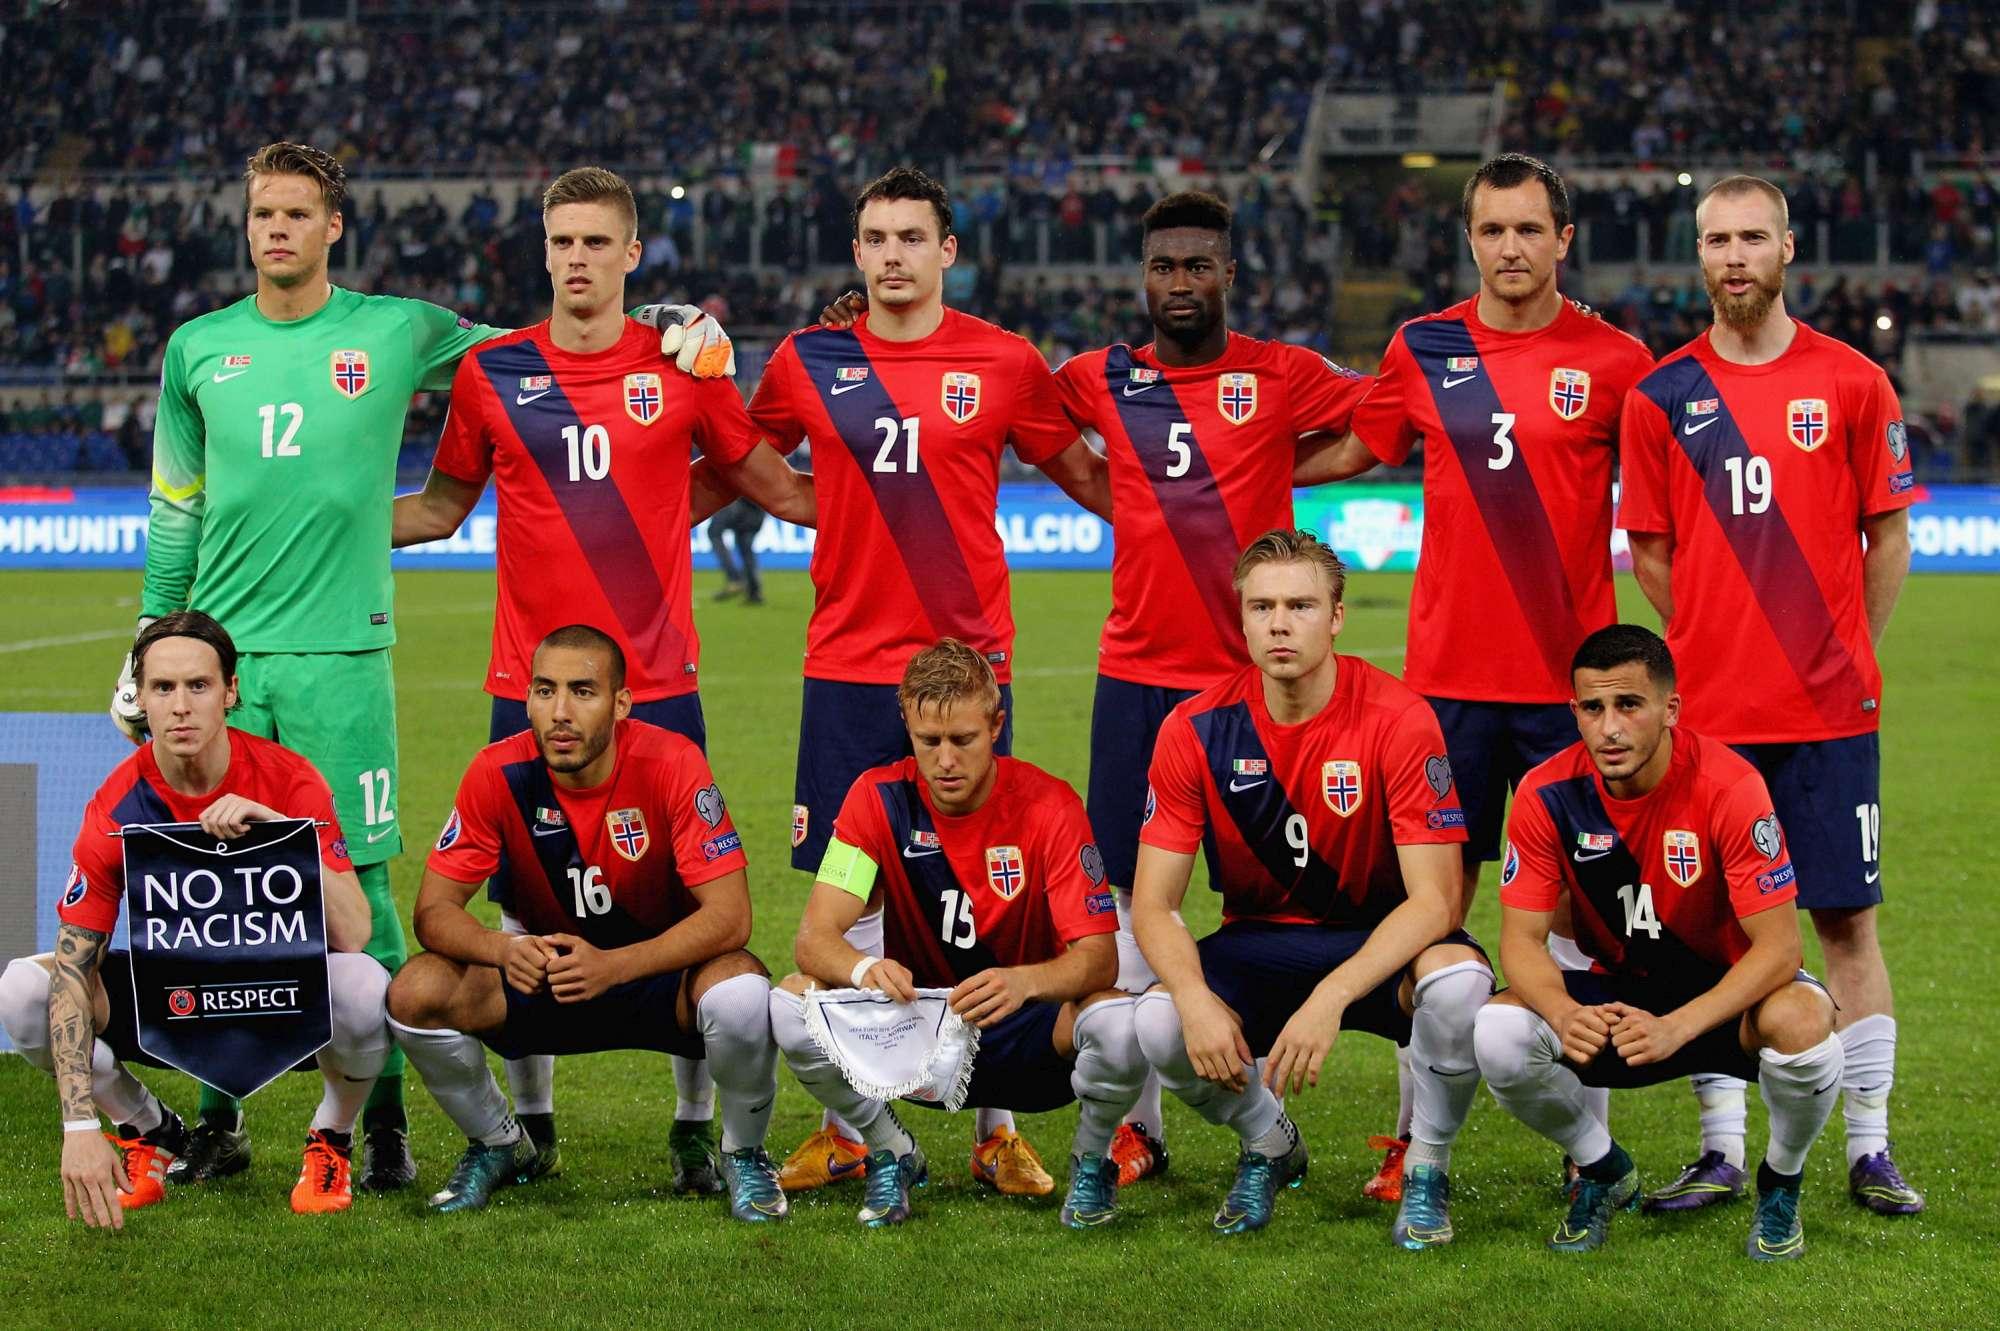 La nazionale norvegese, qui nel match contro l'Italia